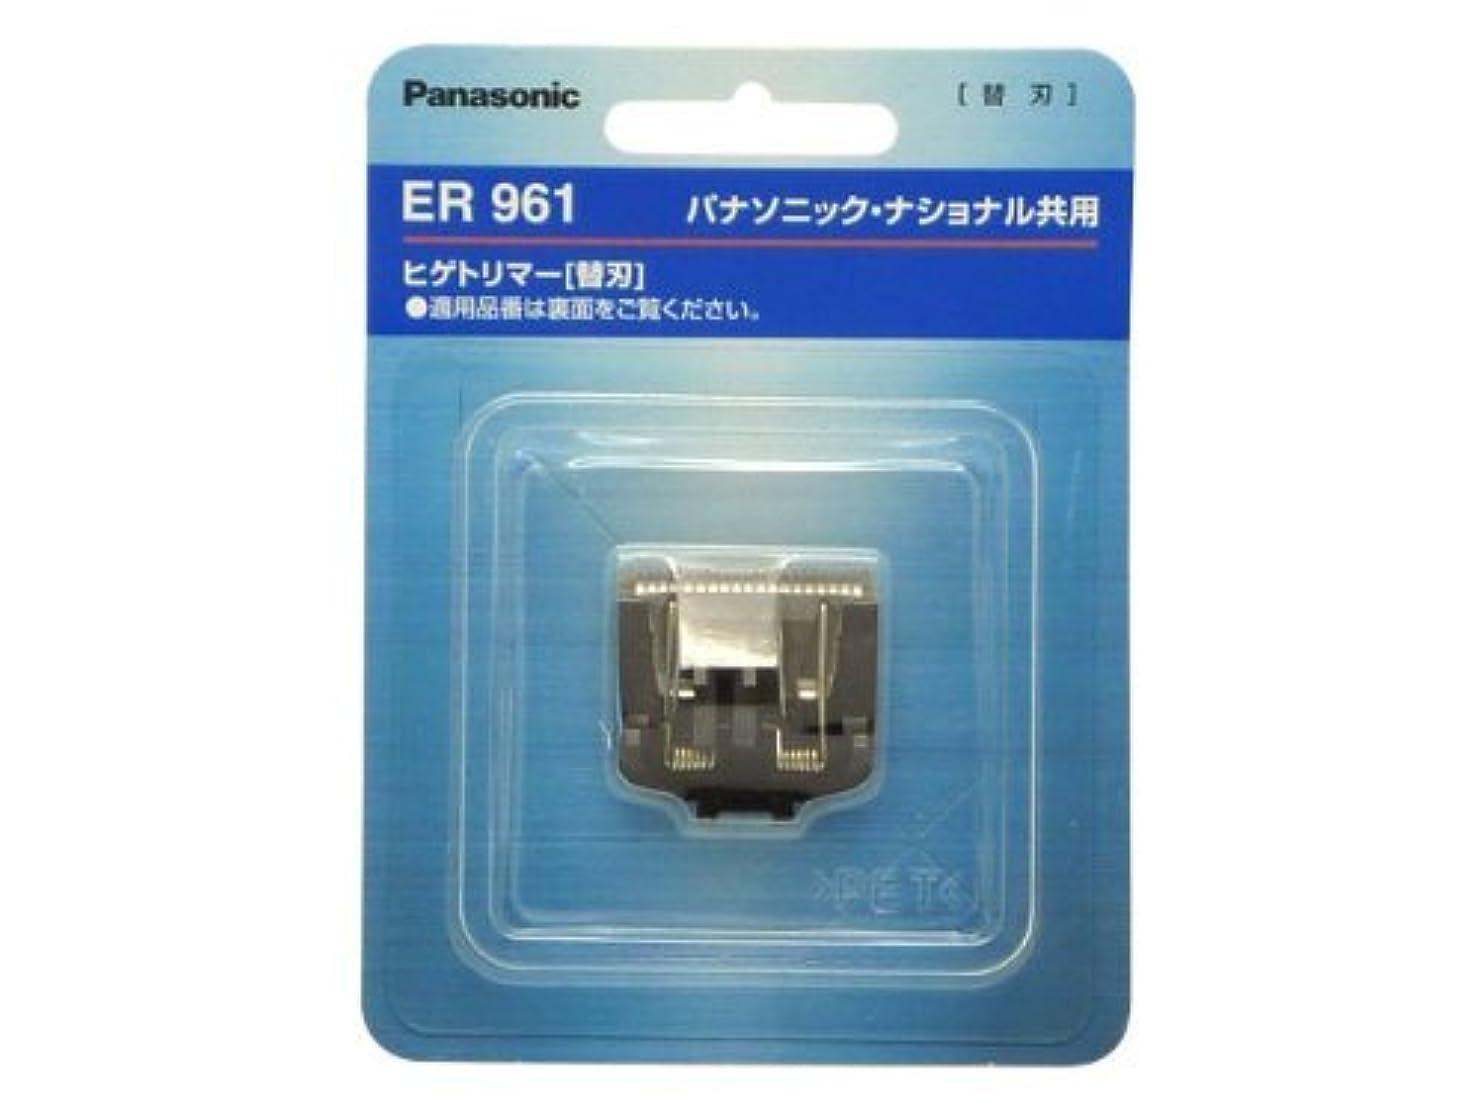 鑑定クリア額パナソニック 替刃 ヒゲトリマー用 ER961